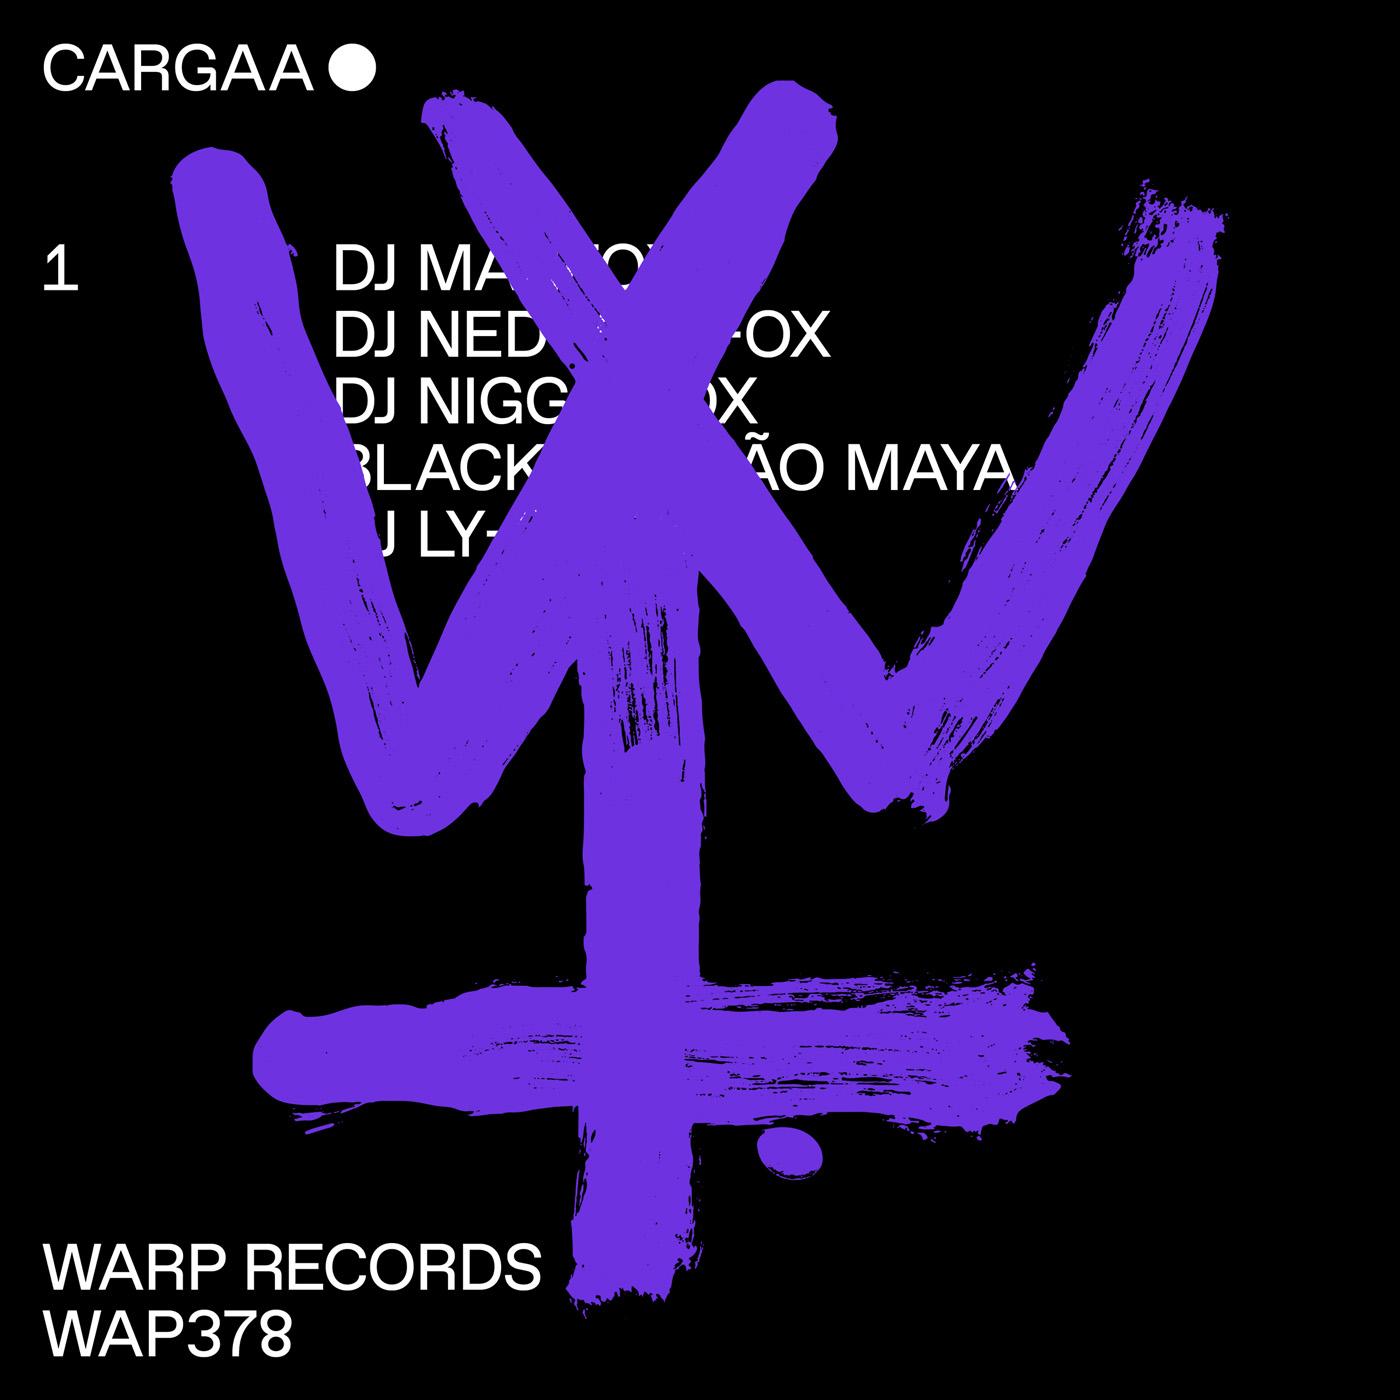 CARGAA 1